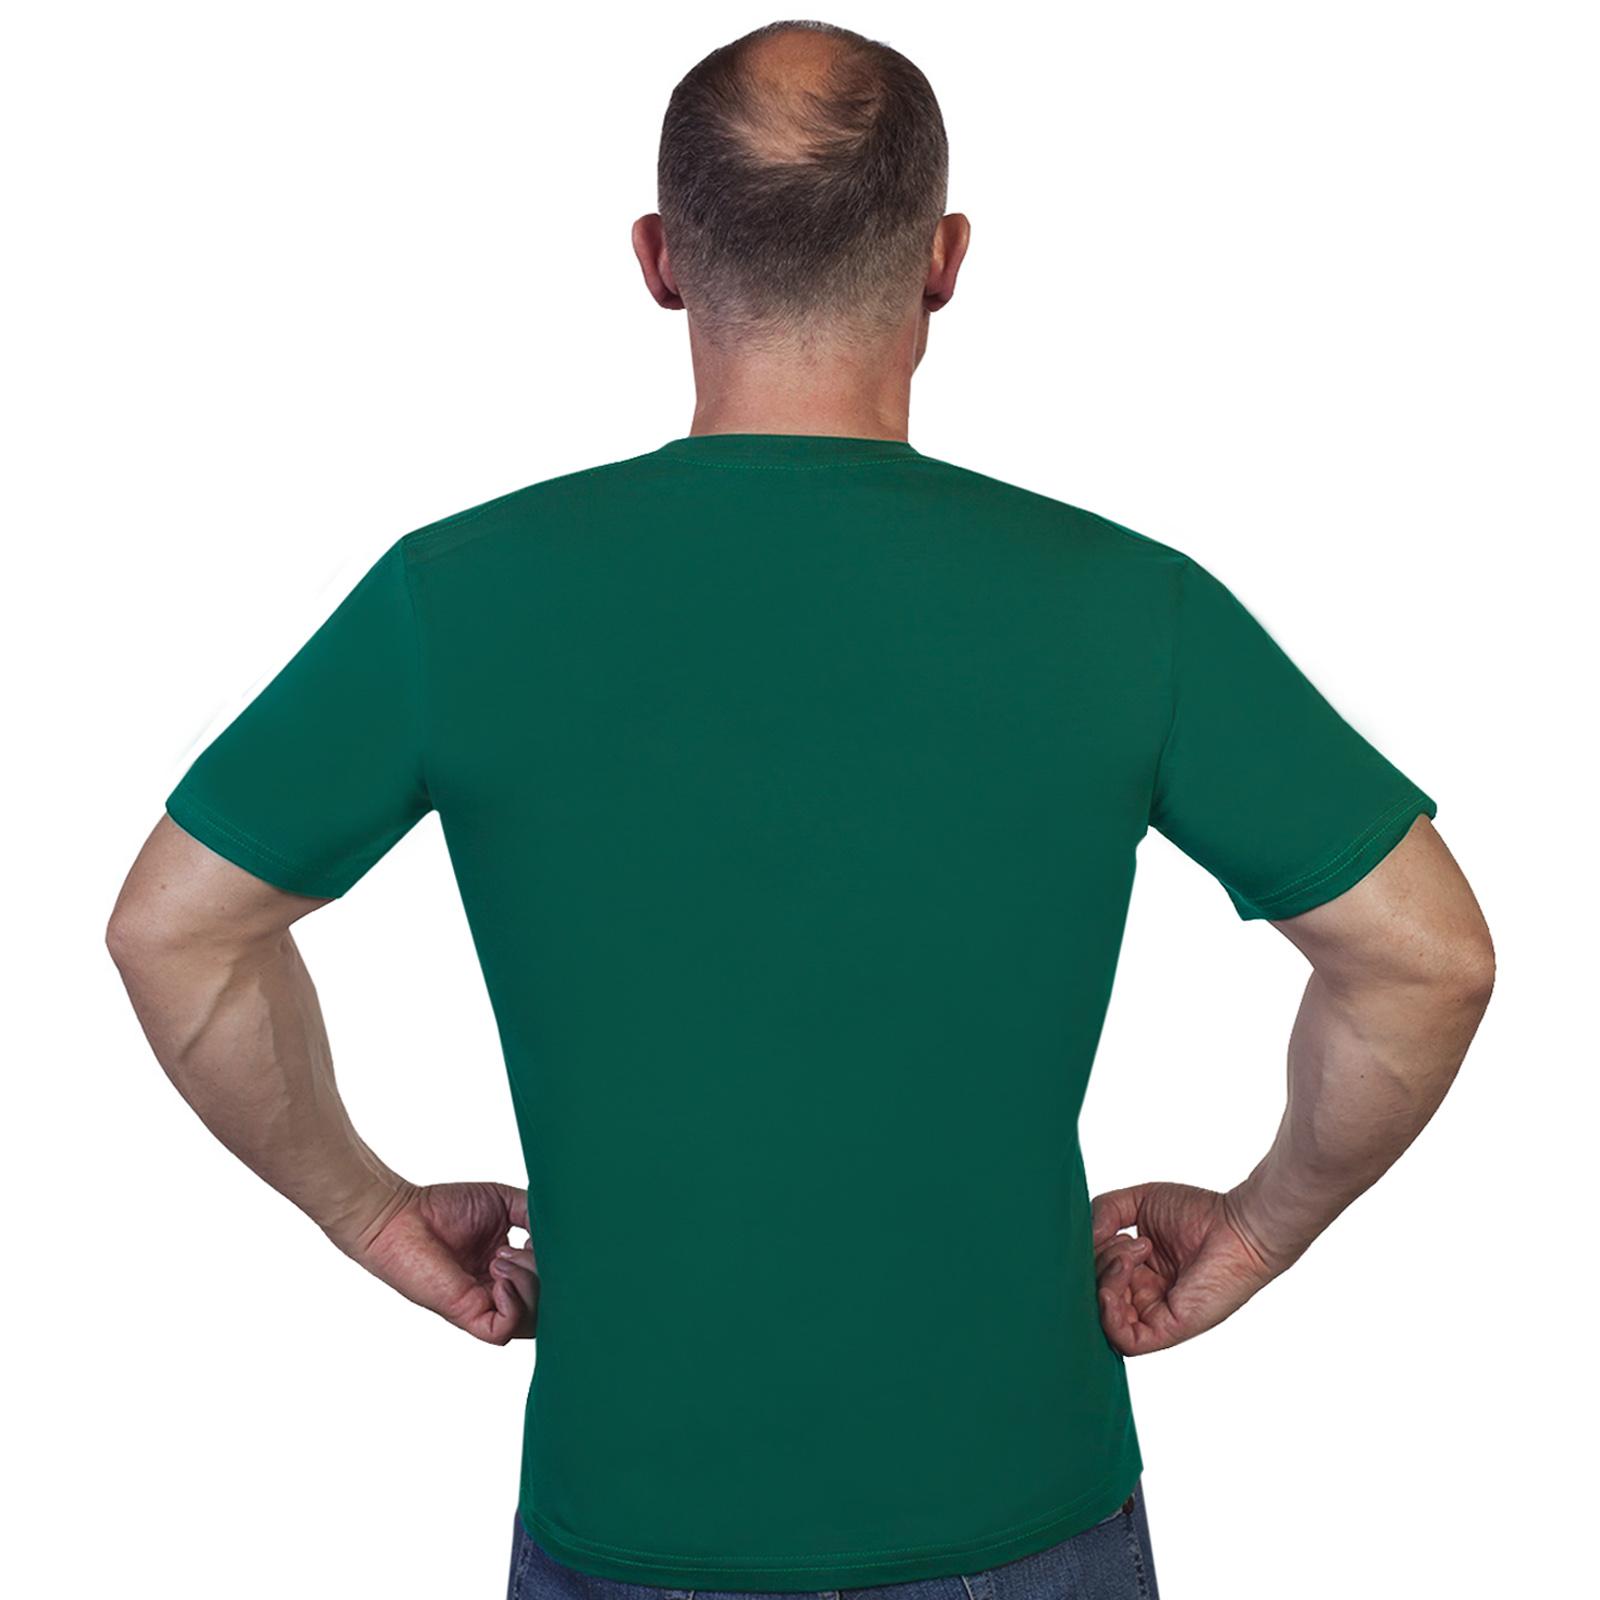 Зелёная мужская футболка Пограничник - высокое качество